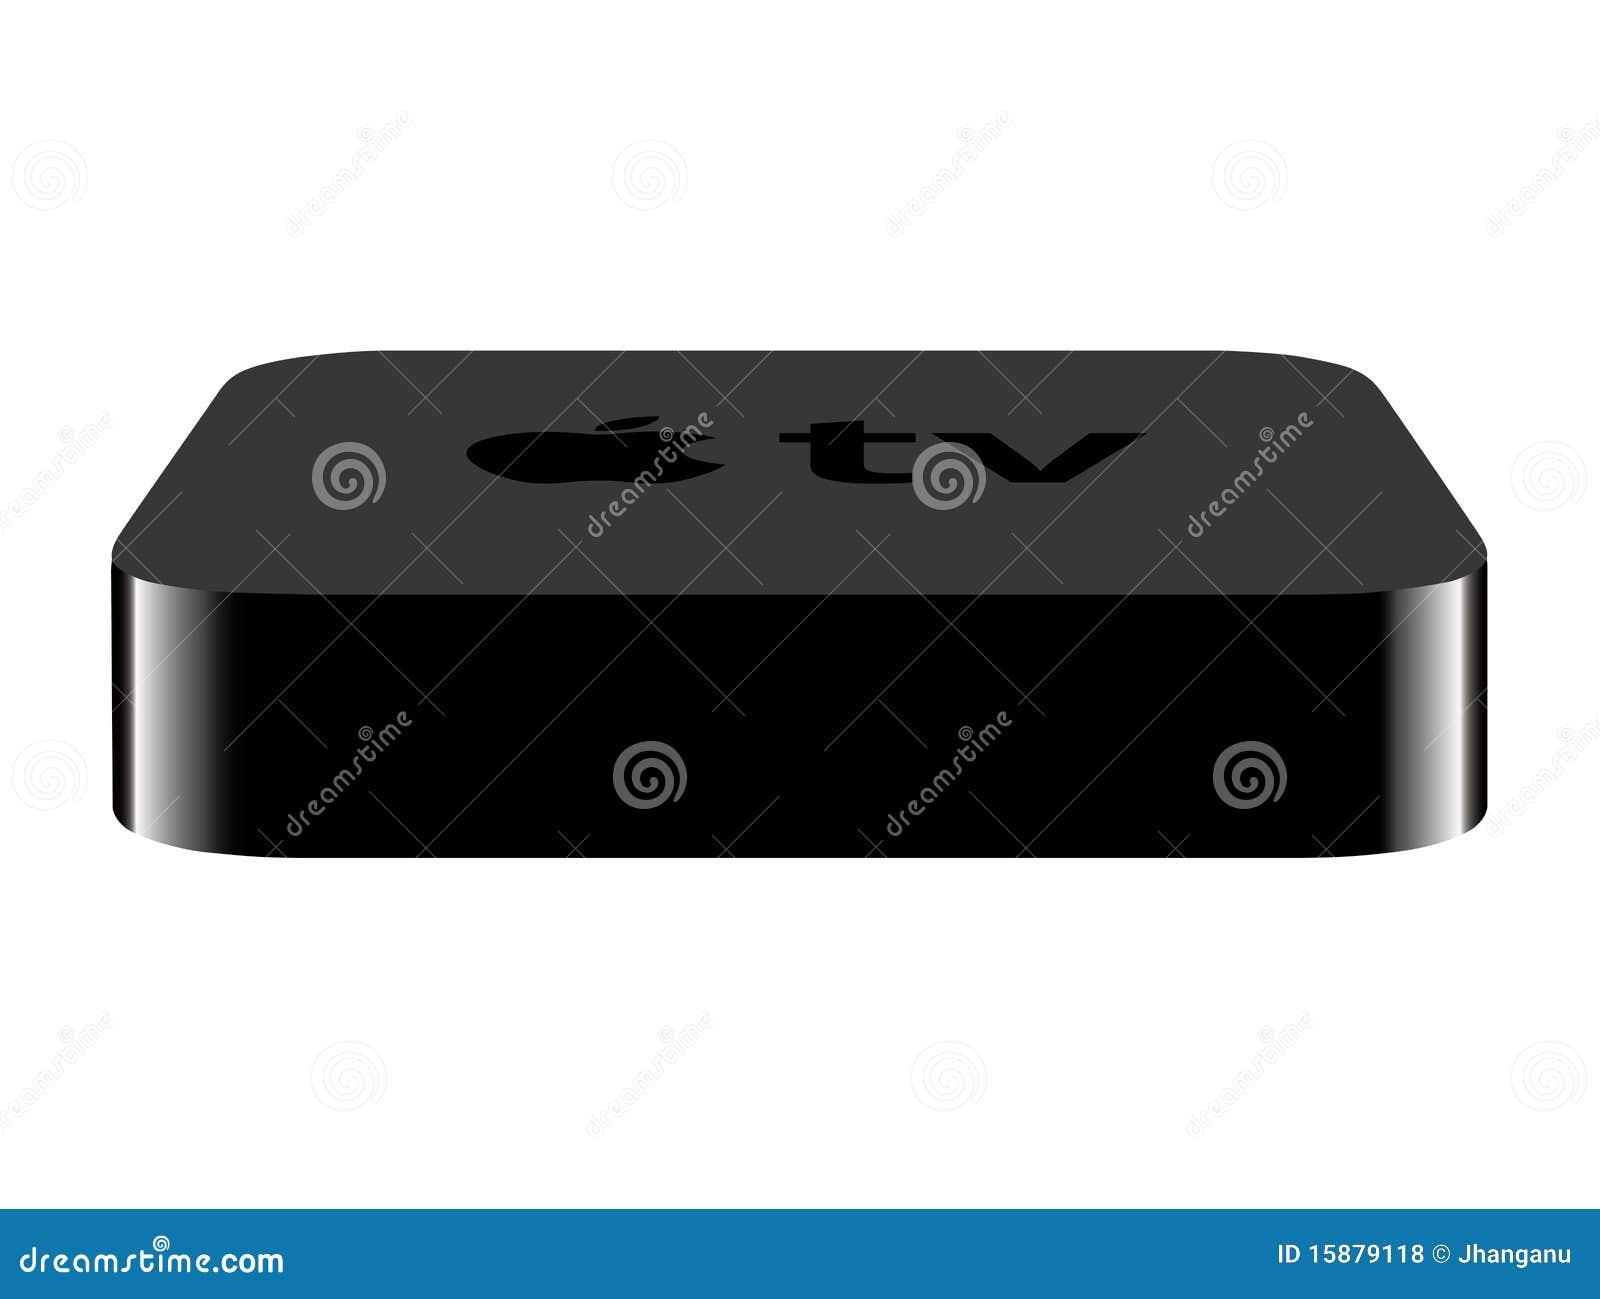 苹果新的电视